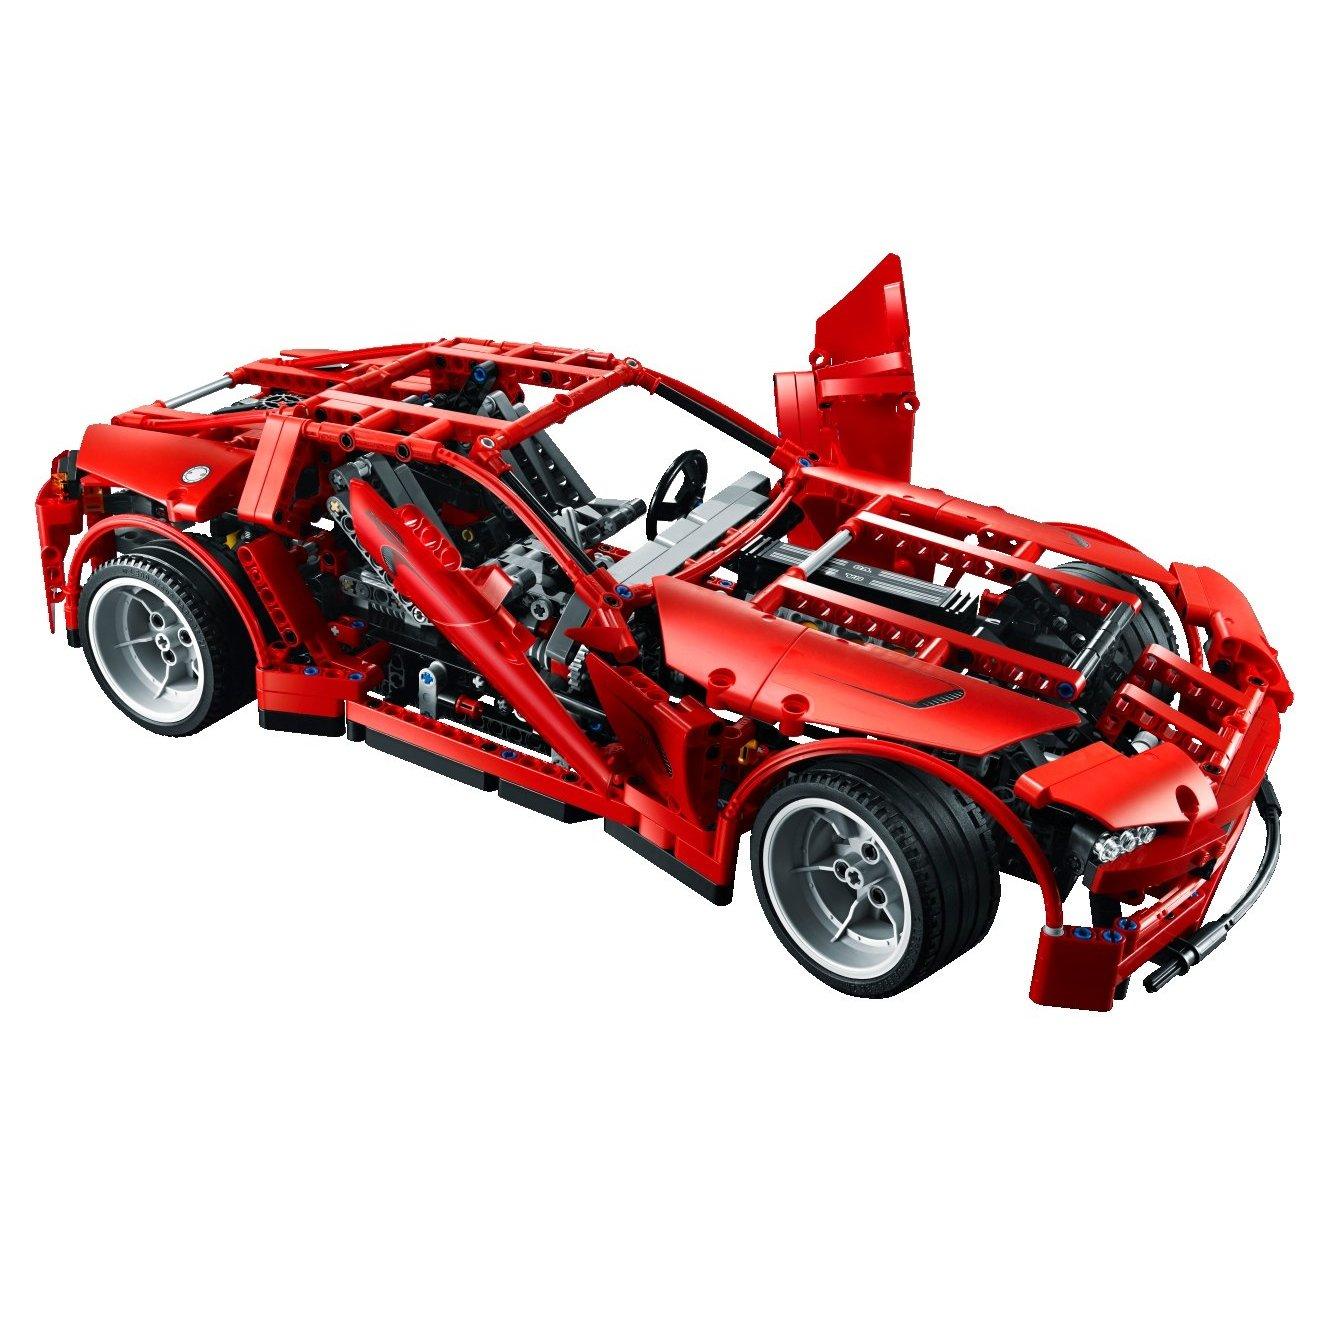 Lego Sports Car.jpg